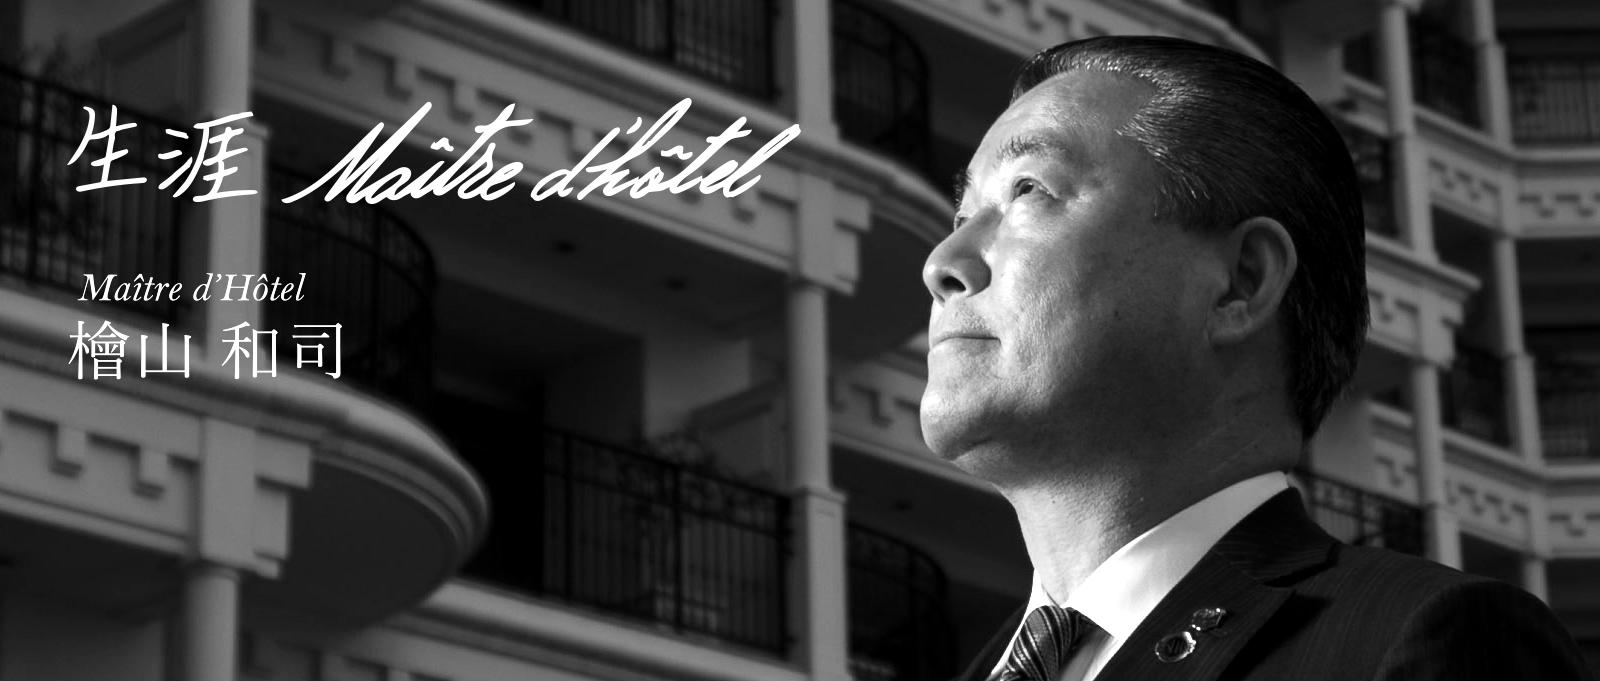 Maître d'Hôtel 檜山 和司